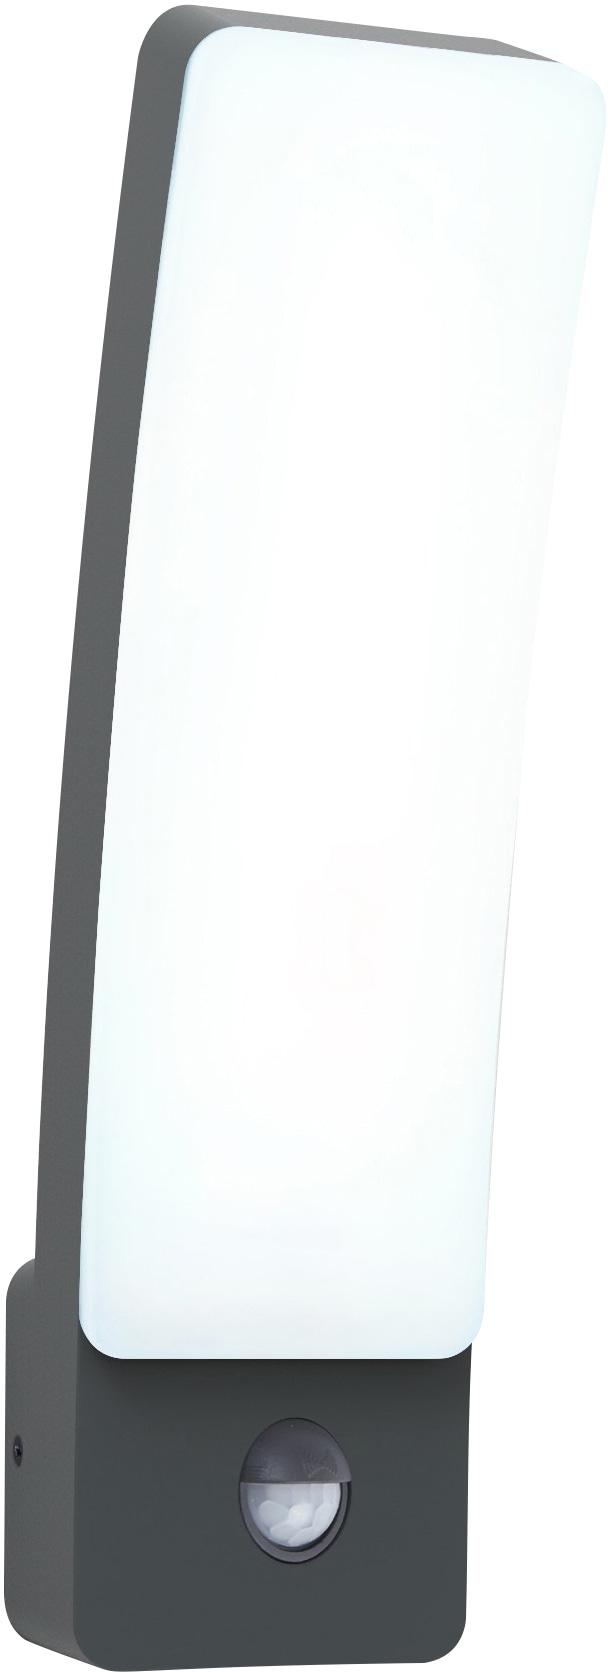 LUTEC LED Außen-Wandleuchte KIRA 5288903118, LED-Modul, 1 St., Neutralweiß